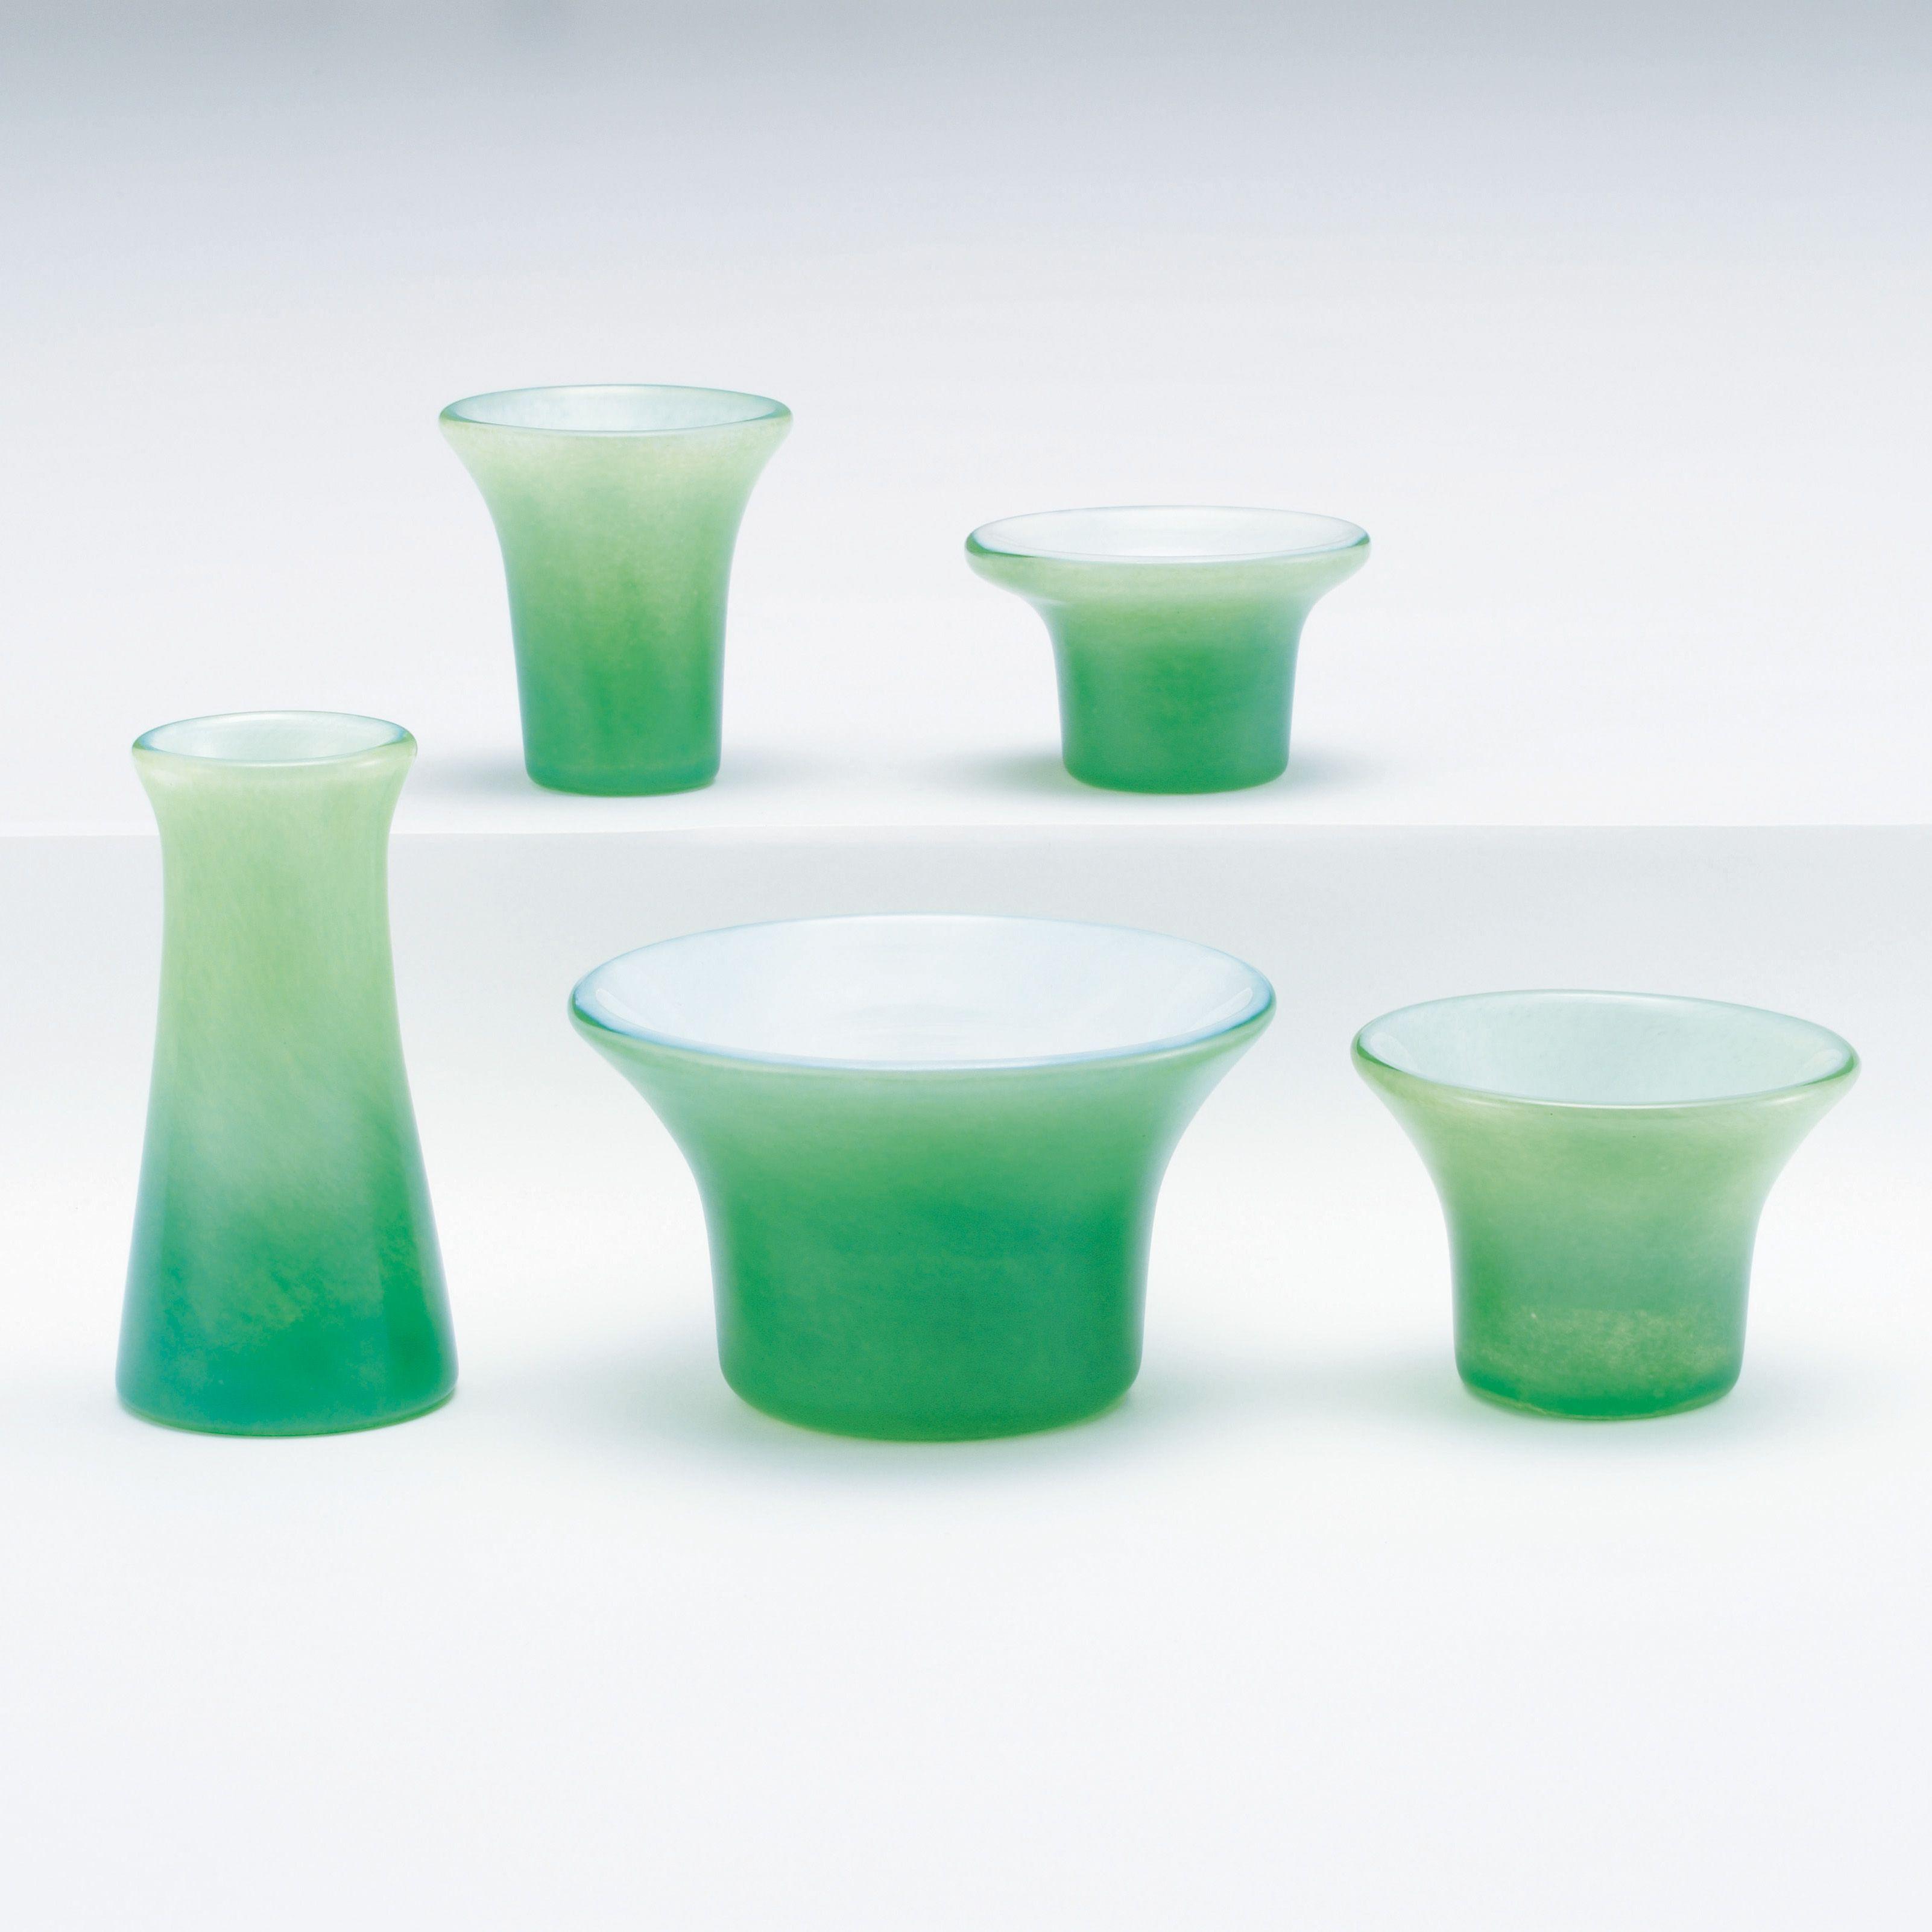 モダンな仏壇を引き立てるガラス製の仏具です 内側の白いガラスがぼんやり透けて グラデーションを作っています おしゃれ ガラス グリーン 現代仏壇 現代 仏壇 仏壇 仏具